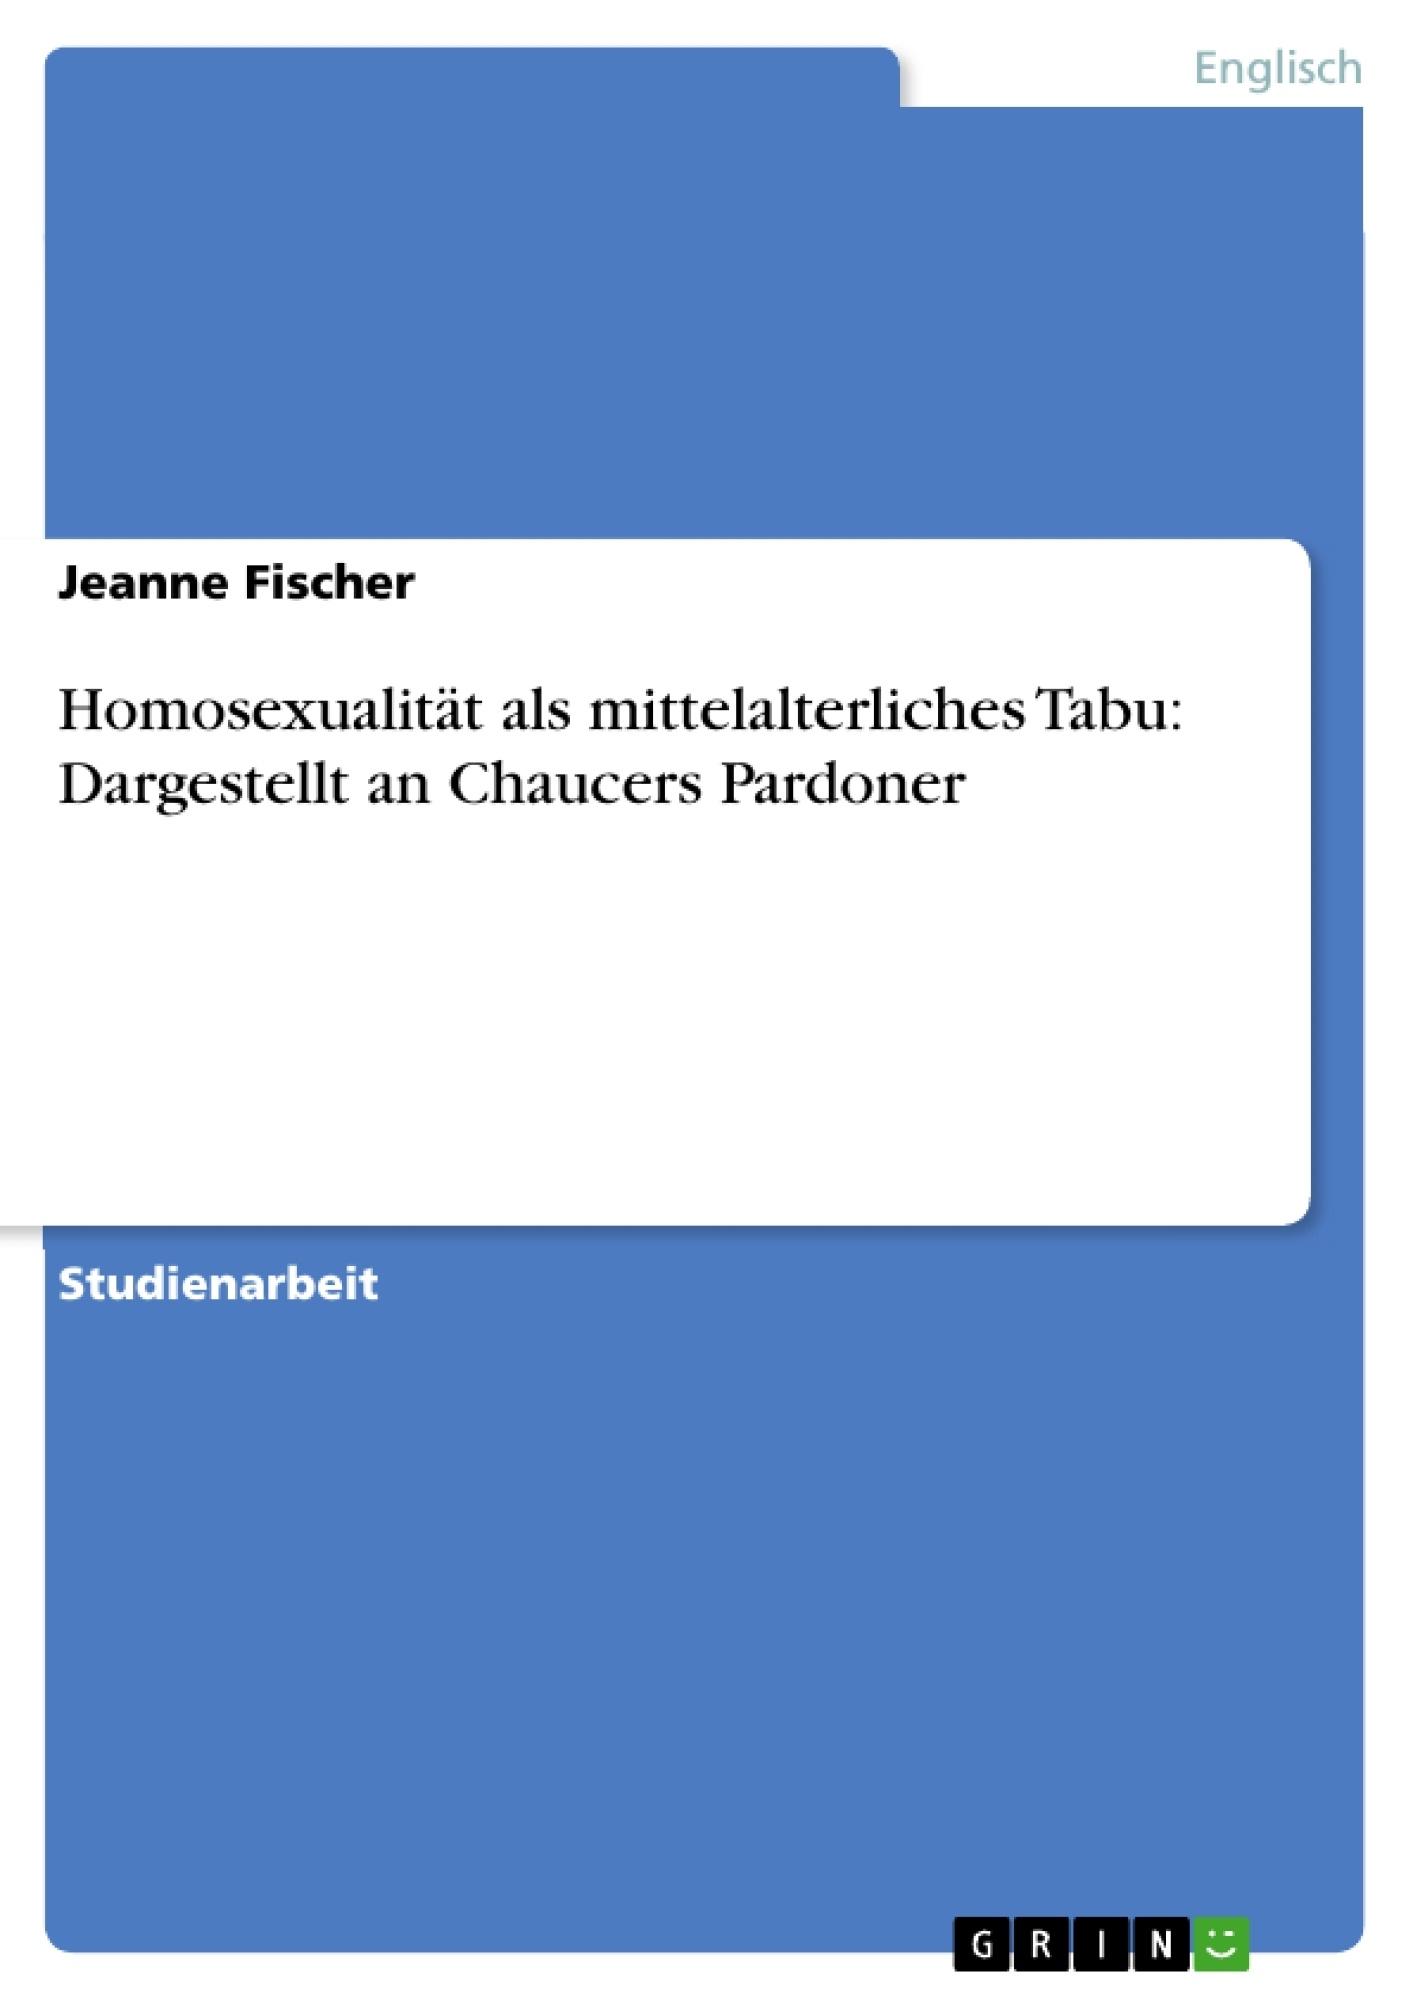 Titel: Homosexualität als mittelalterliches Tabu: Dargestellt an Chaucers Pardoner